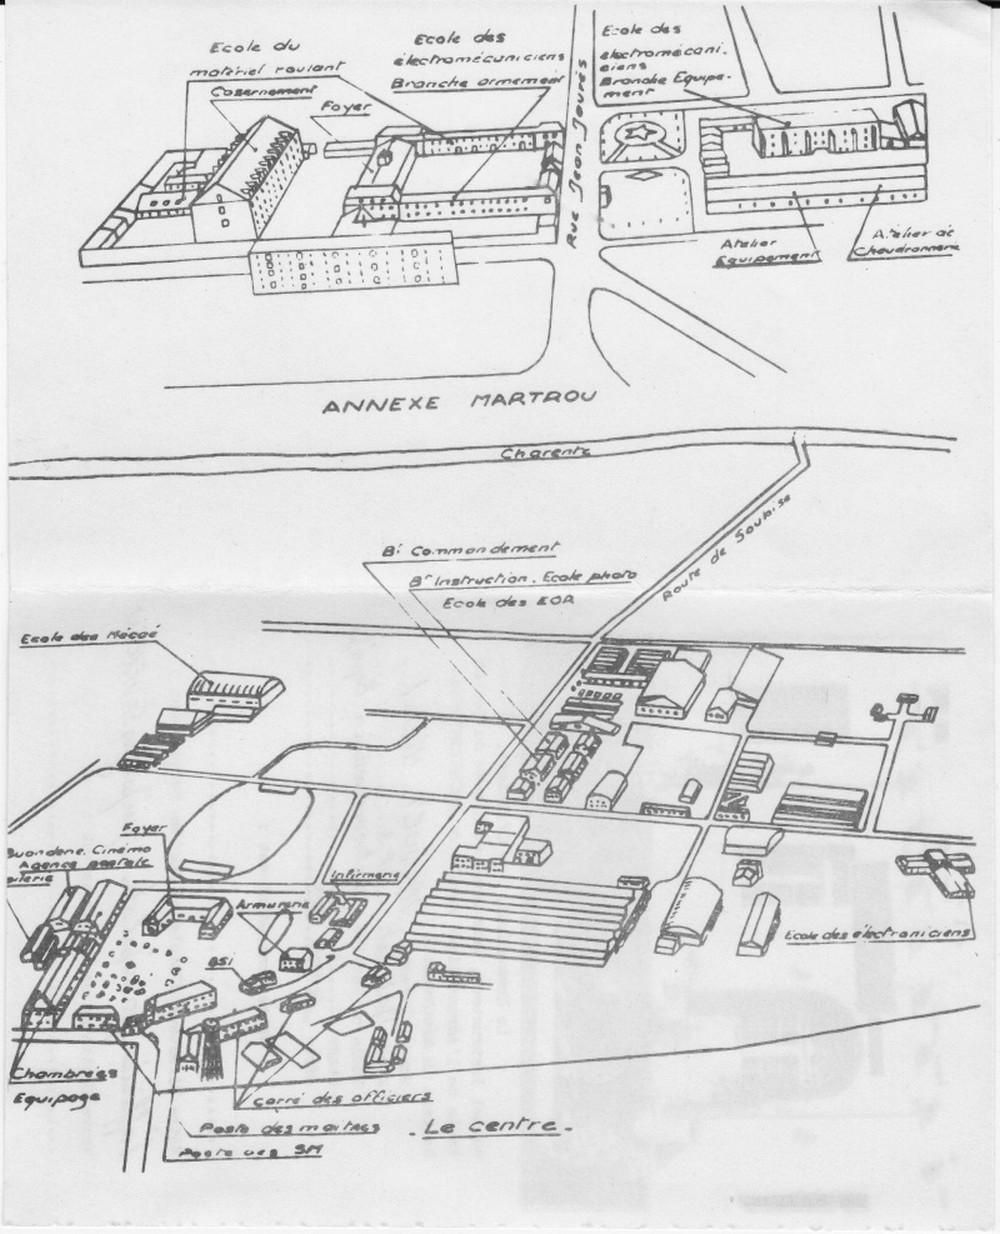 [Divers écoles de spécialités] Caserne Martrou Rochefort - Page 12 Img_0010